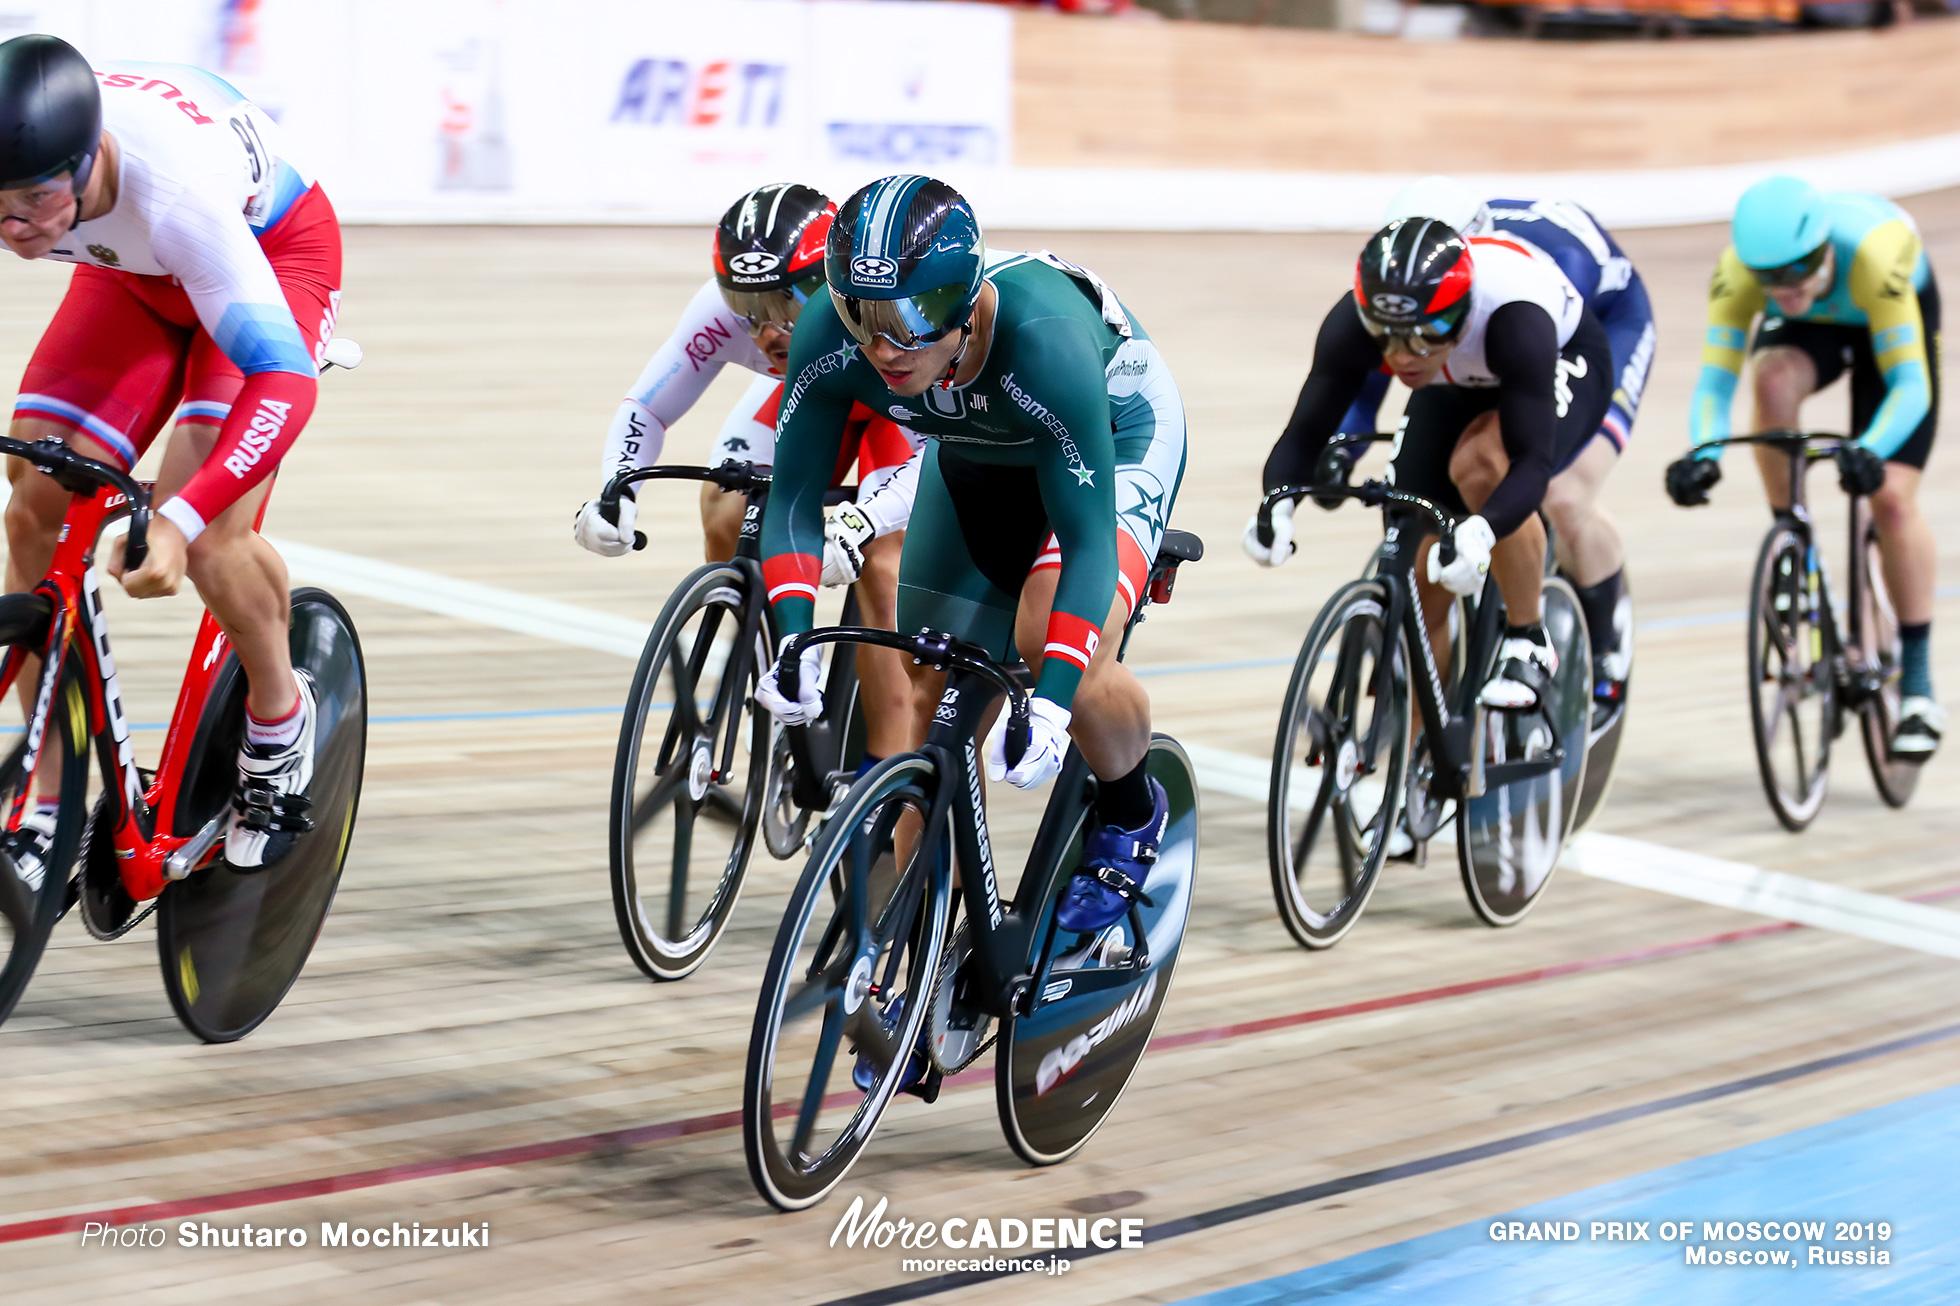 Semi Finals / Men's Keirin / GRAND PRIX OF MOSCOW 2019